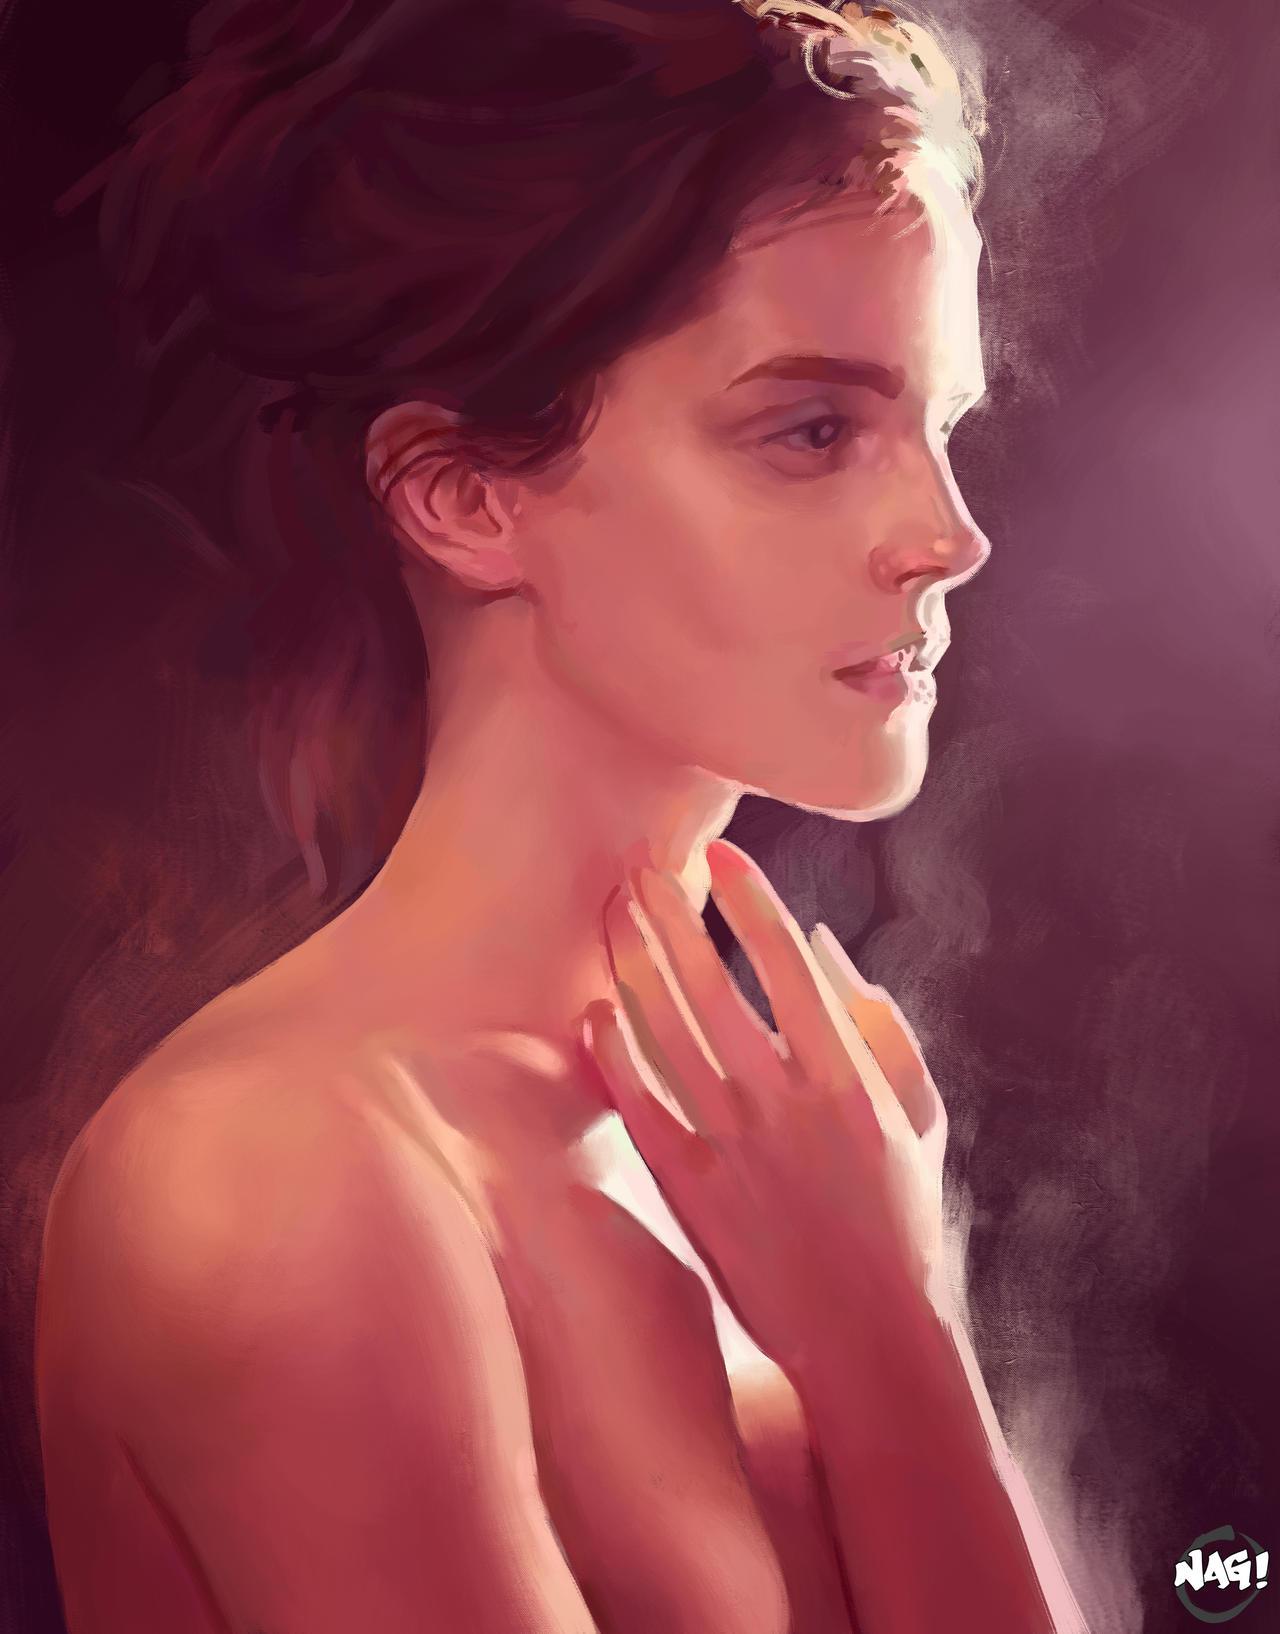 Эмма уотсон горячая 26 фотография